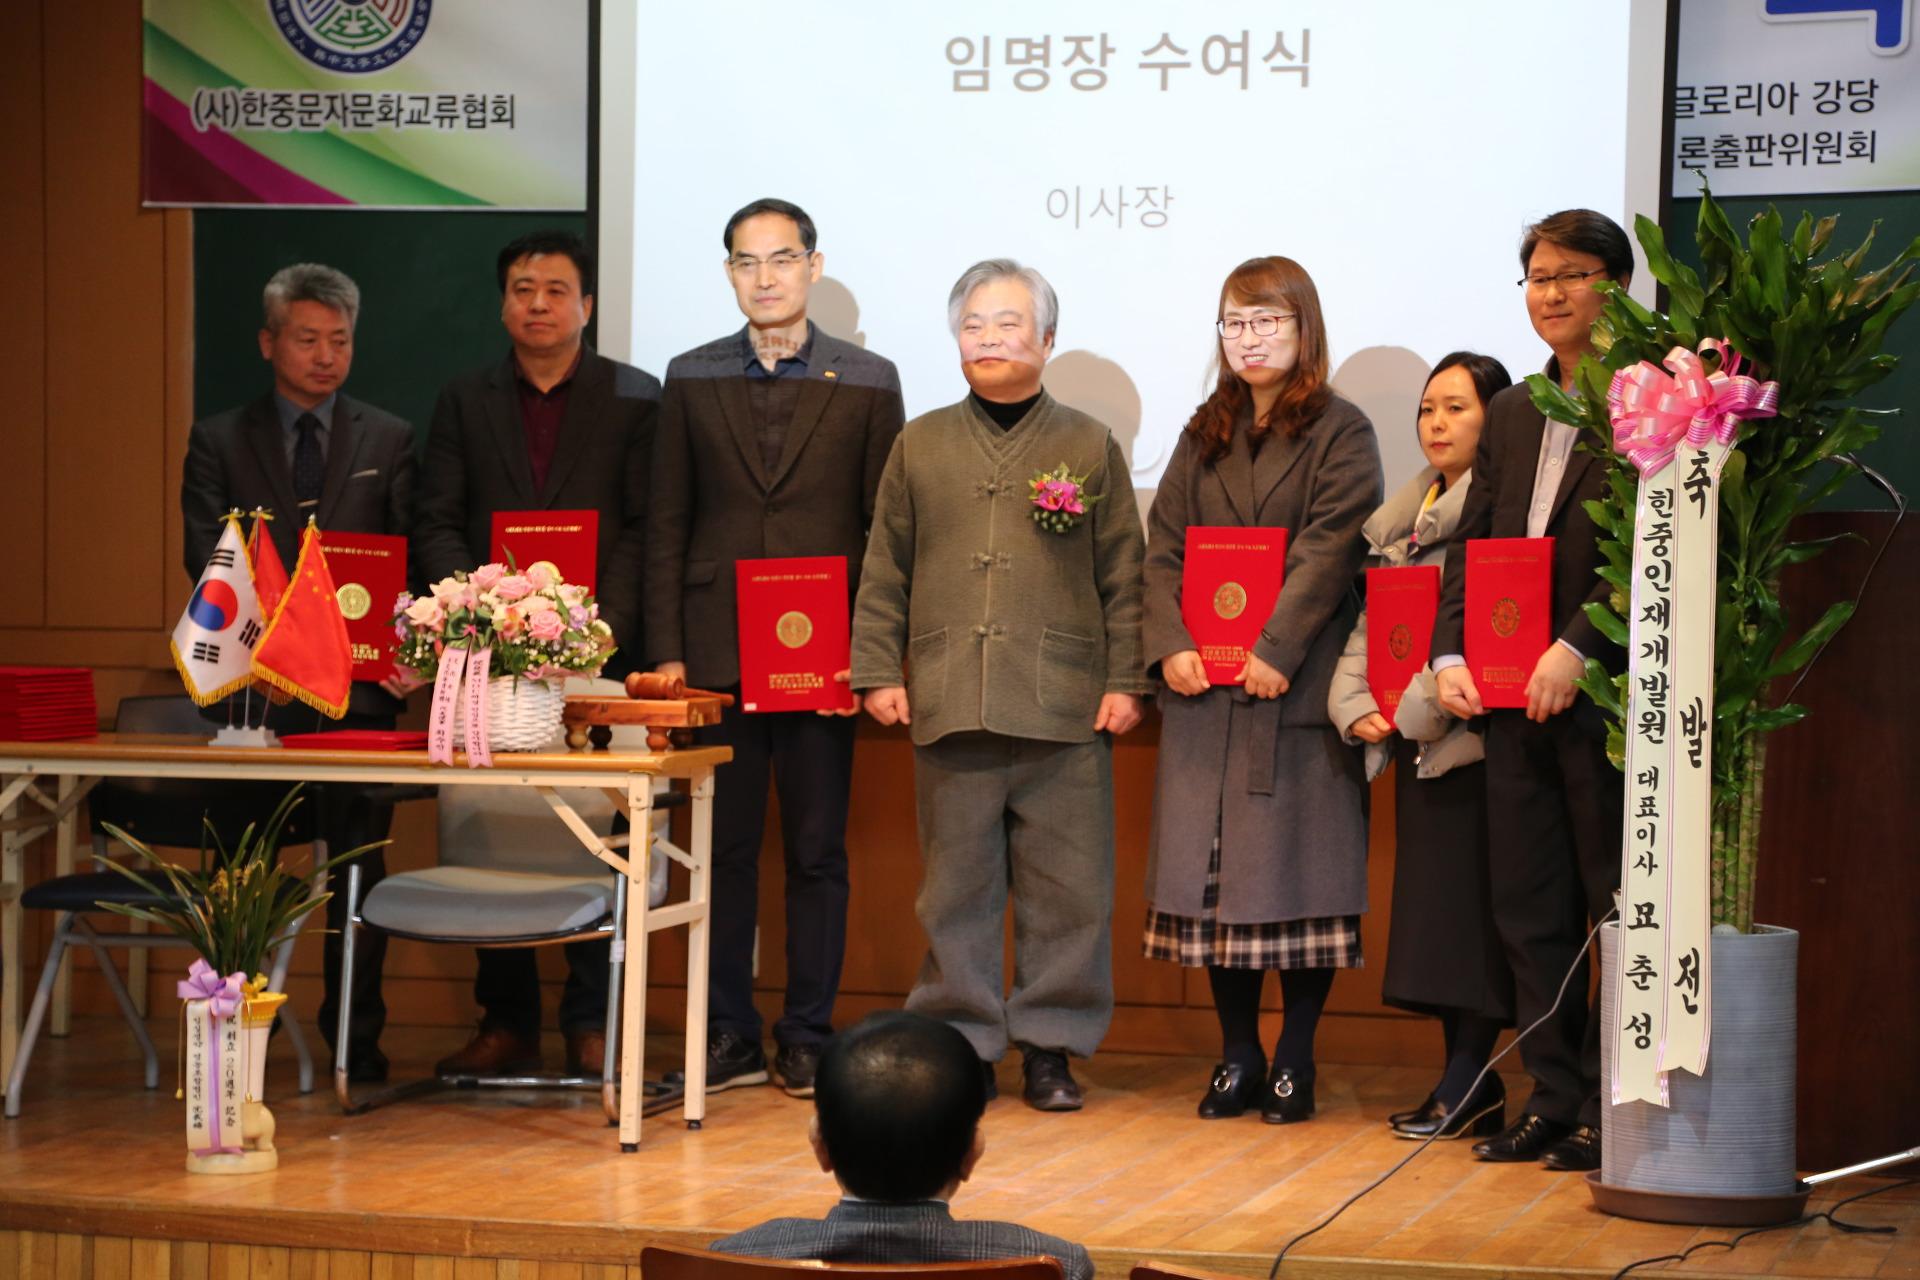 사)한중문자문화교류협회와 주)문화매일 업무협약 체결